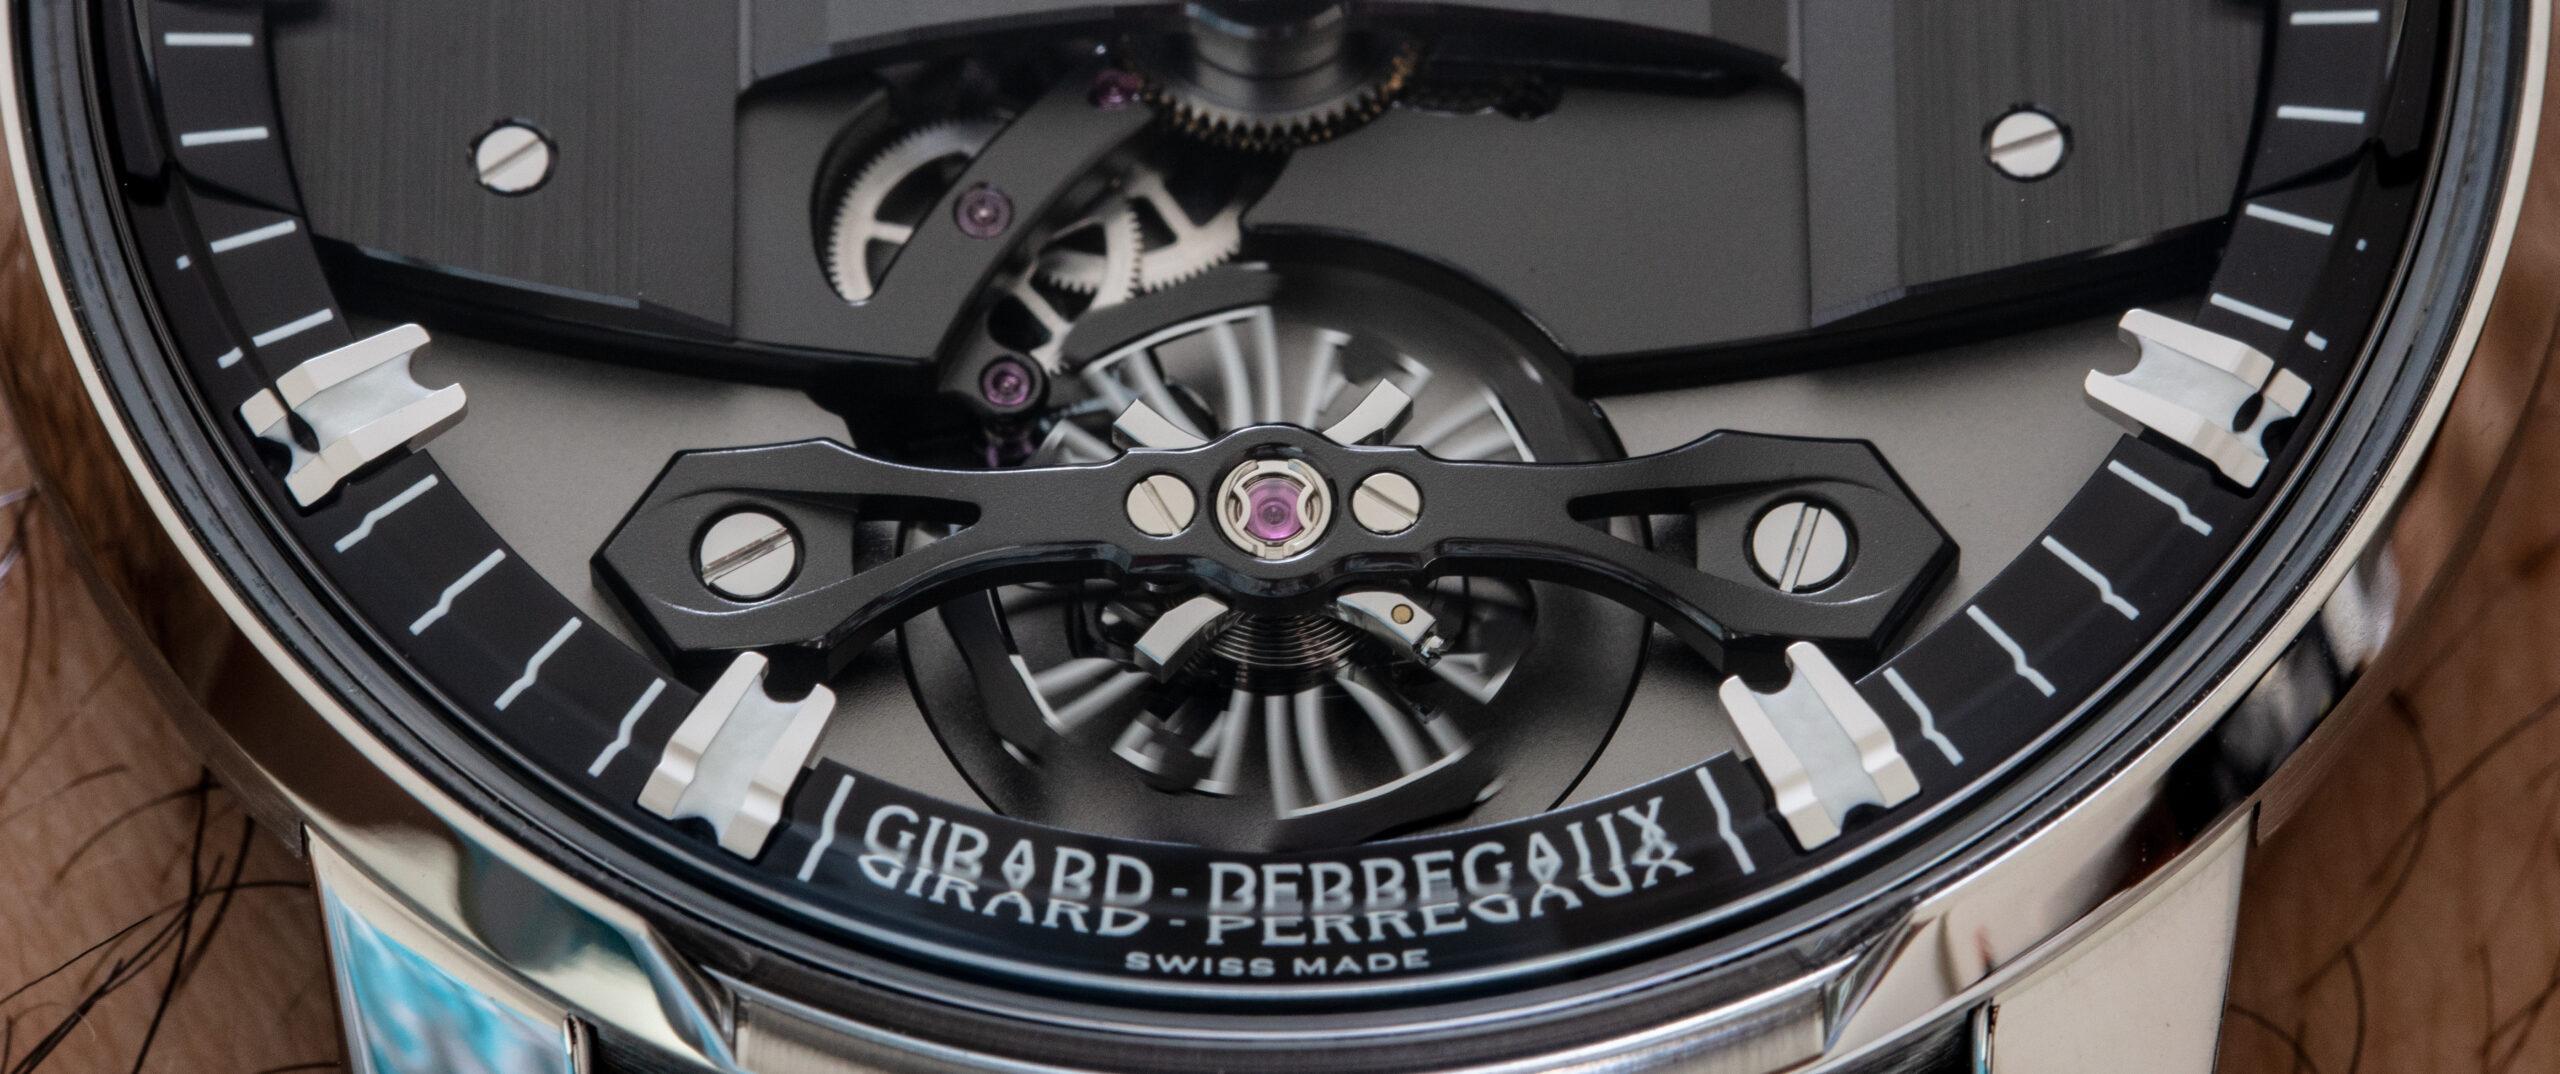 Обзор часов: Girard-Perregaux